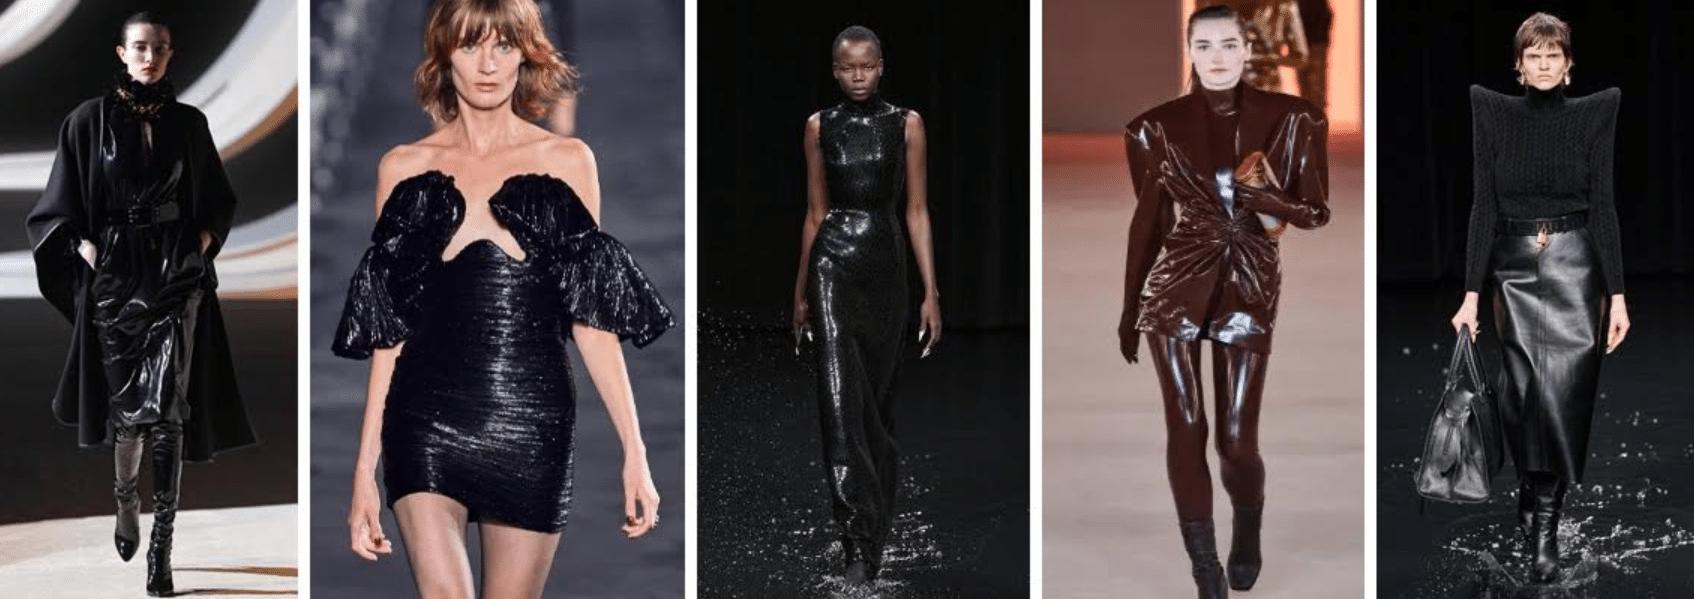 cinco fotos de modelos diferentes desfilando em passarela usando looks com couro